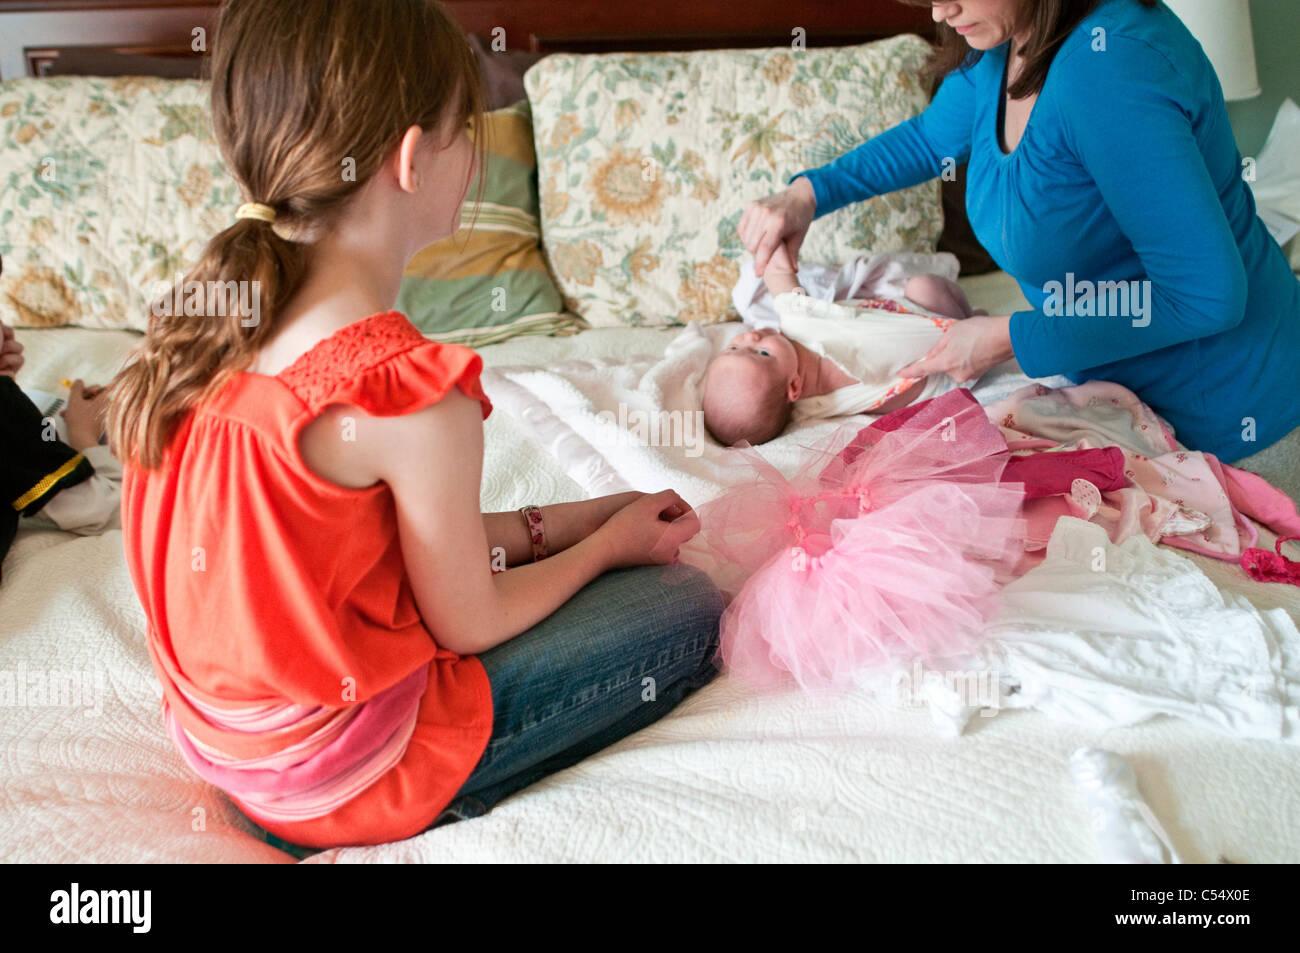 Mädchen Mitarbeitende Mutter putzt sich Babymädchen auf Bett Stockfoto